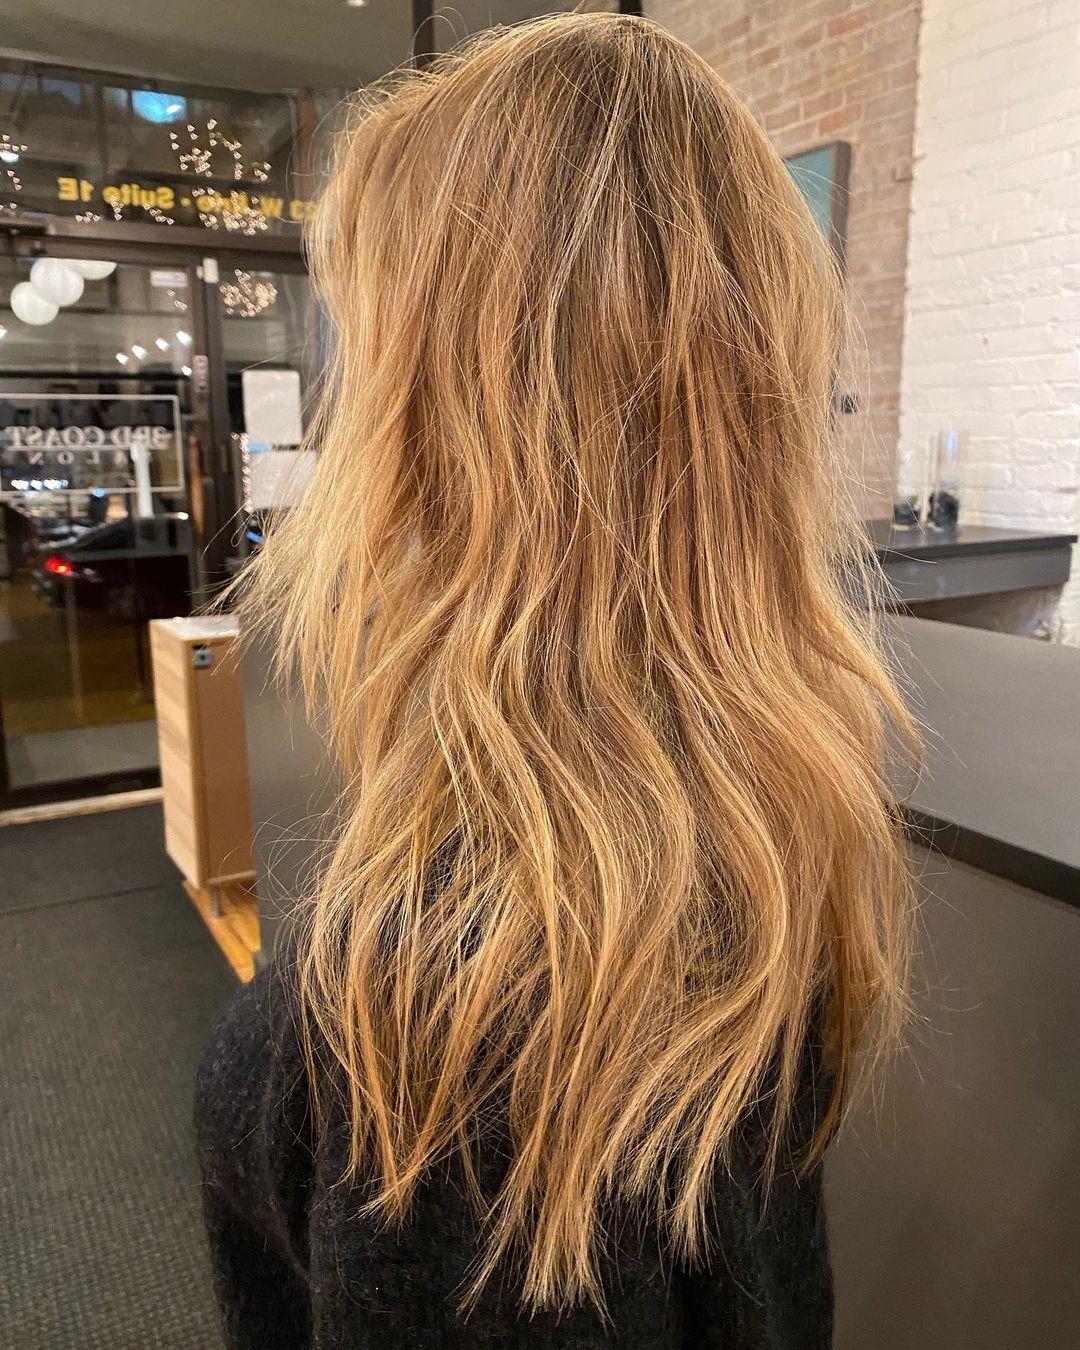 Couleur de cheveux d'hiver bronde fraise 2021